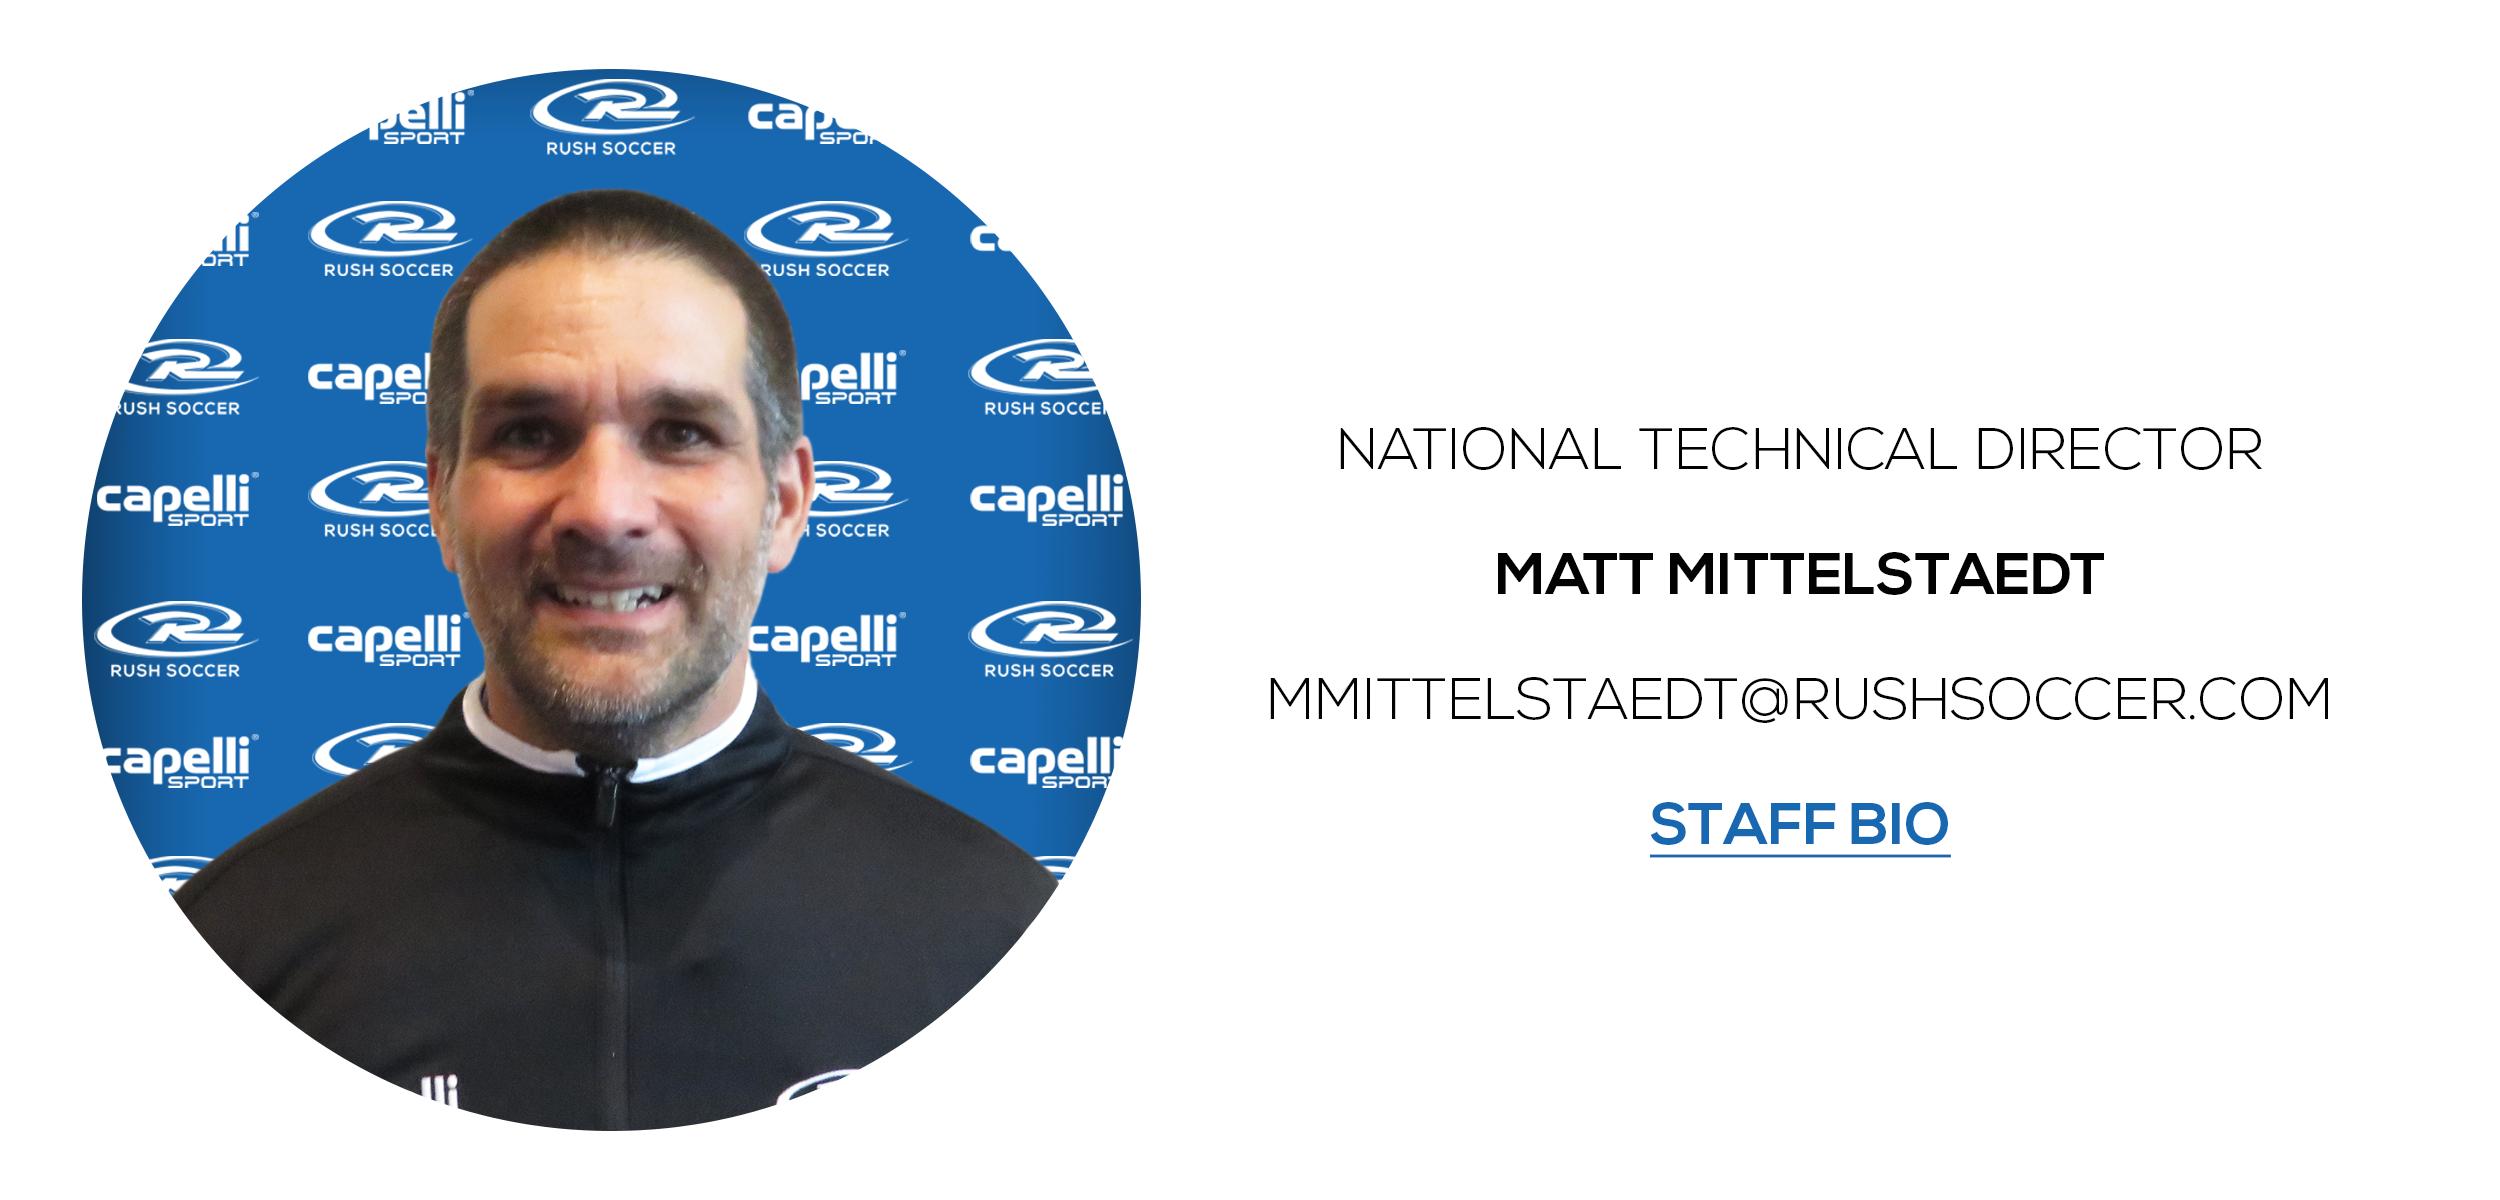 Mittelstaedt-Matt-2